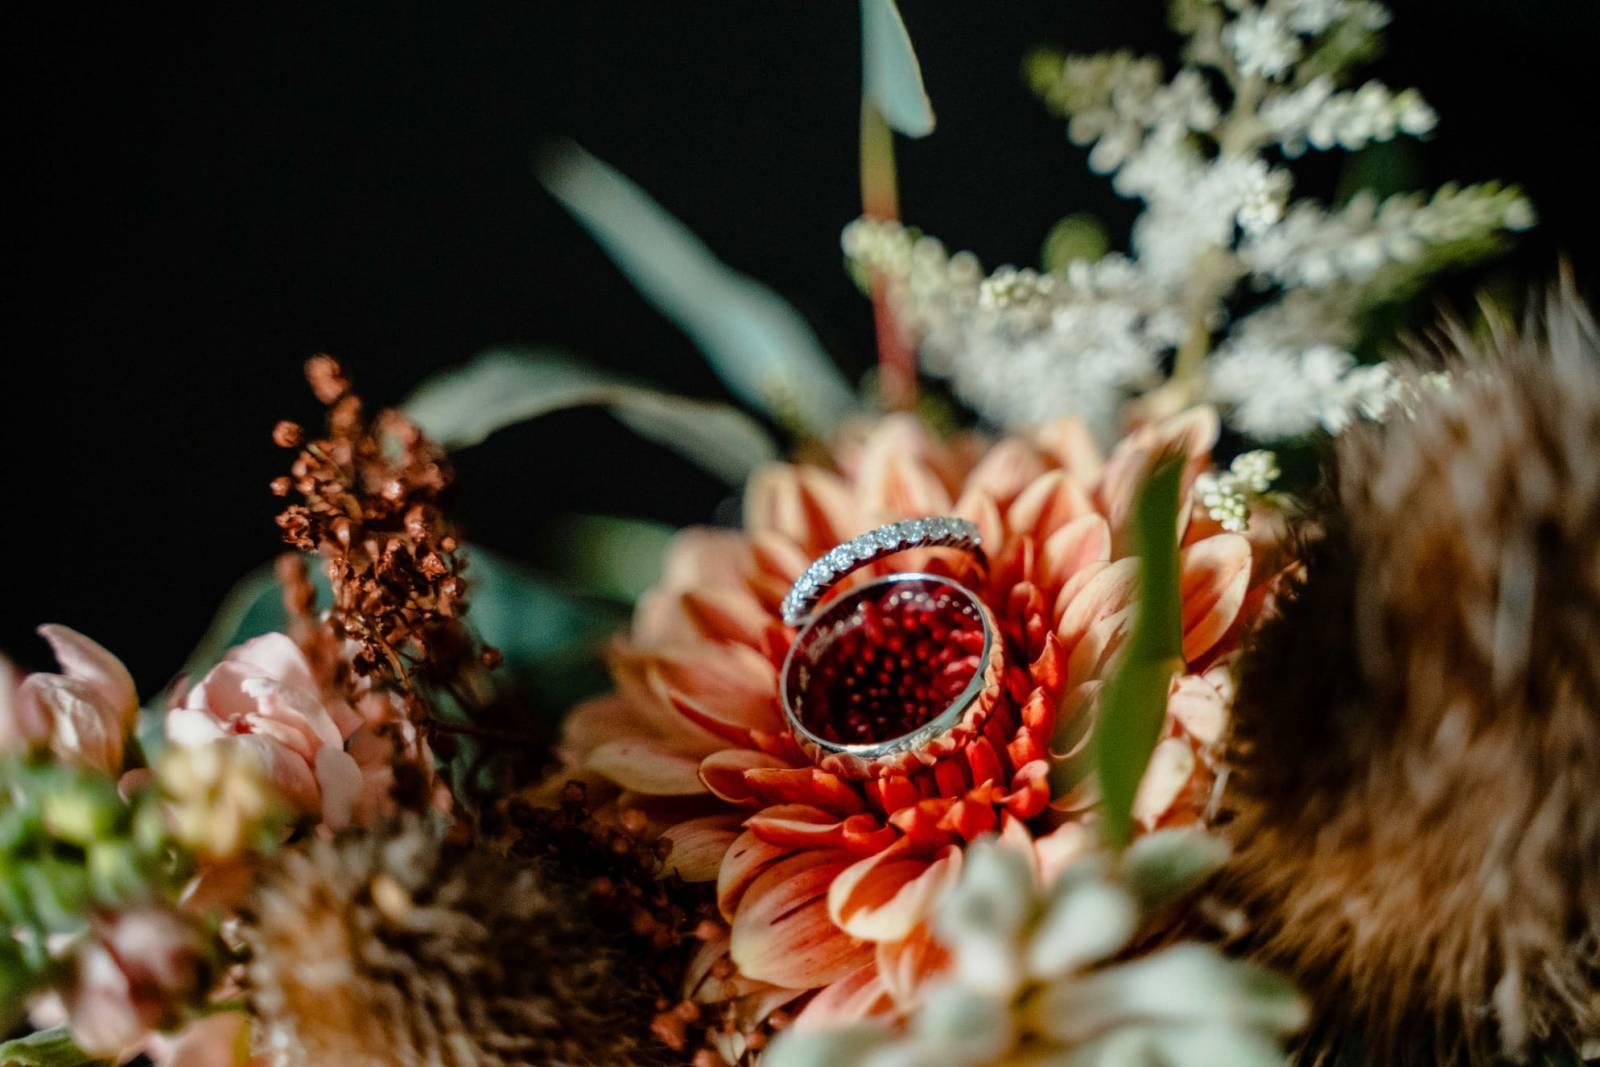 Scaldis_Fotograaf_Vonk foto - House of Weddings